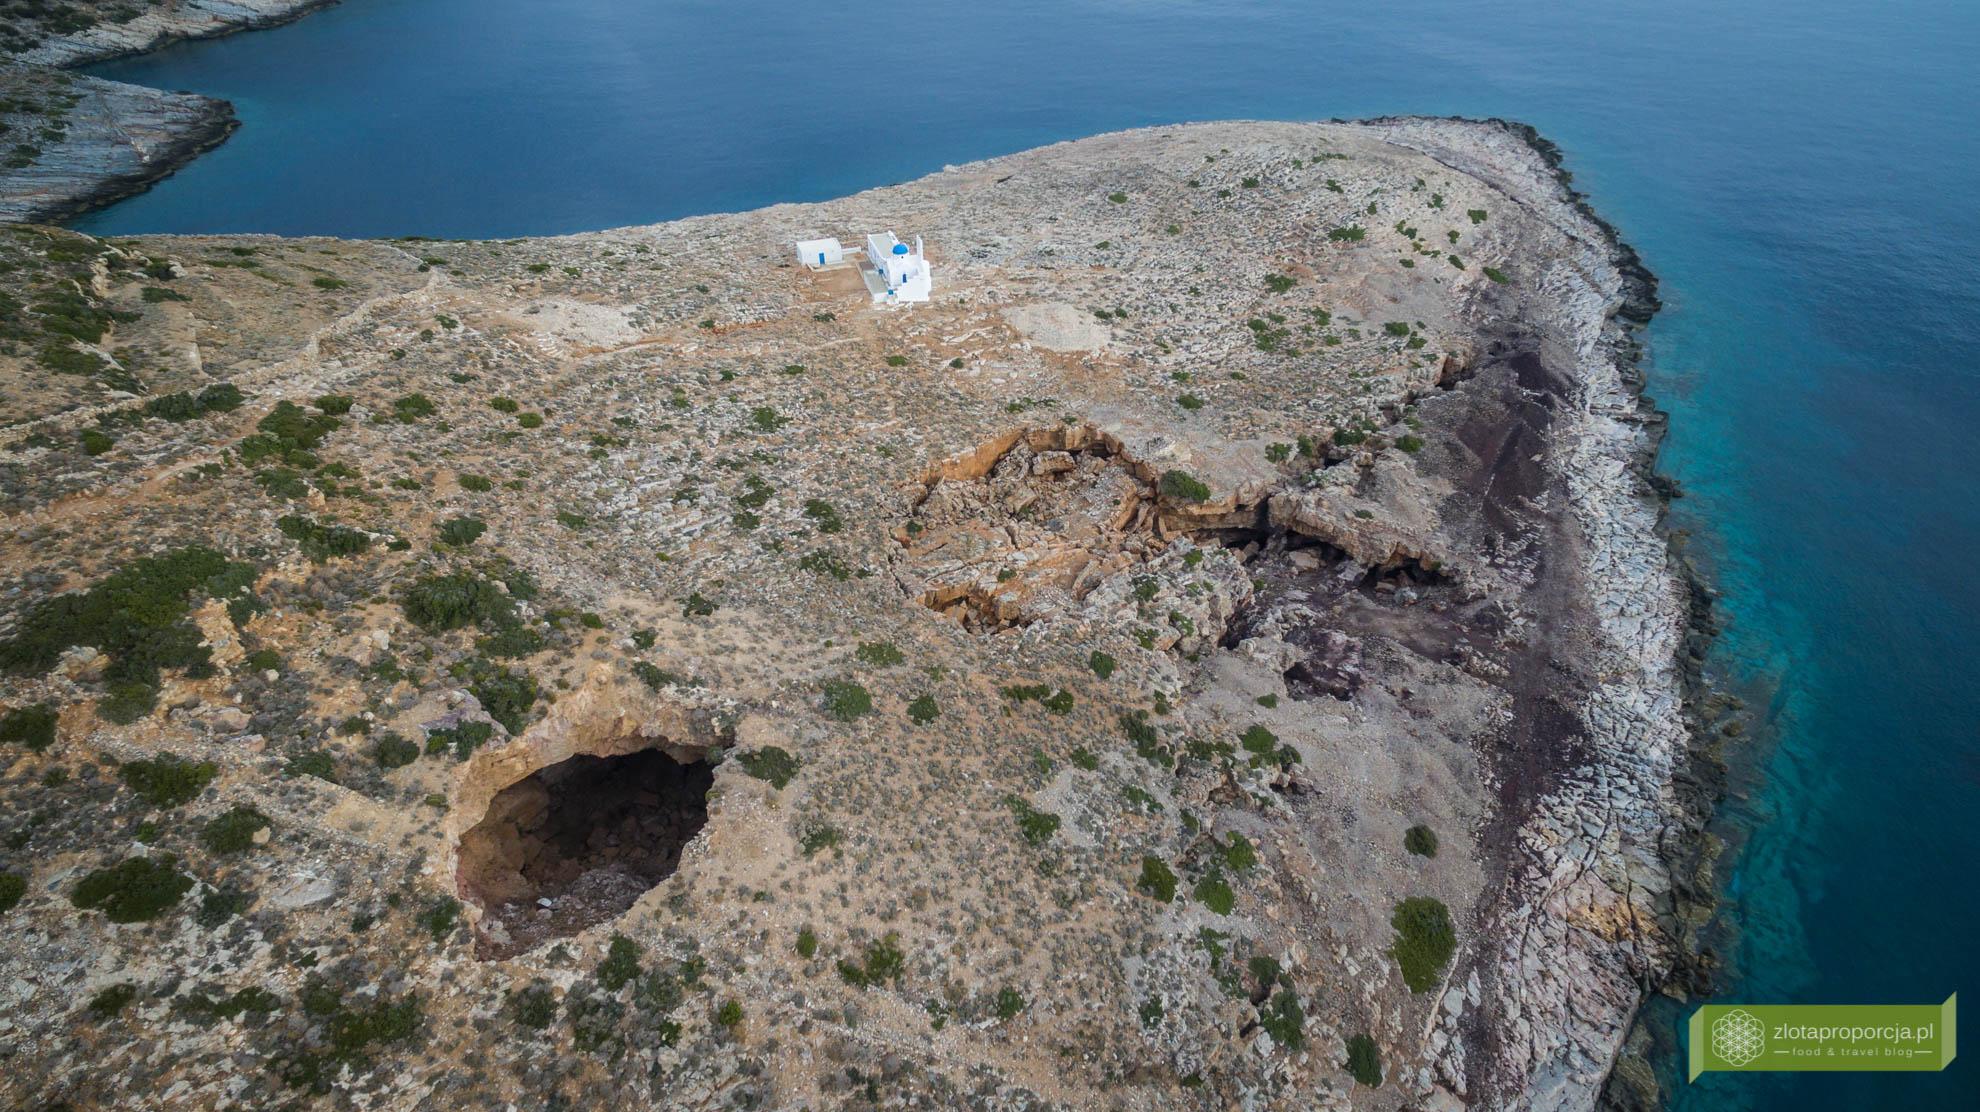 Sifnos, Cyklady, Grecja, Greckie wyspy; Wyspa Sifnos; Cyklady ciekawe miejsca; kopalnia srebra Sifnos